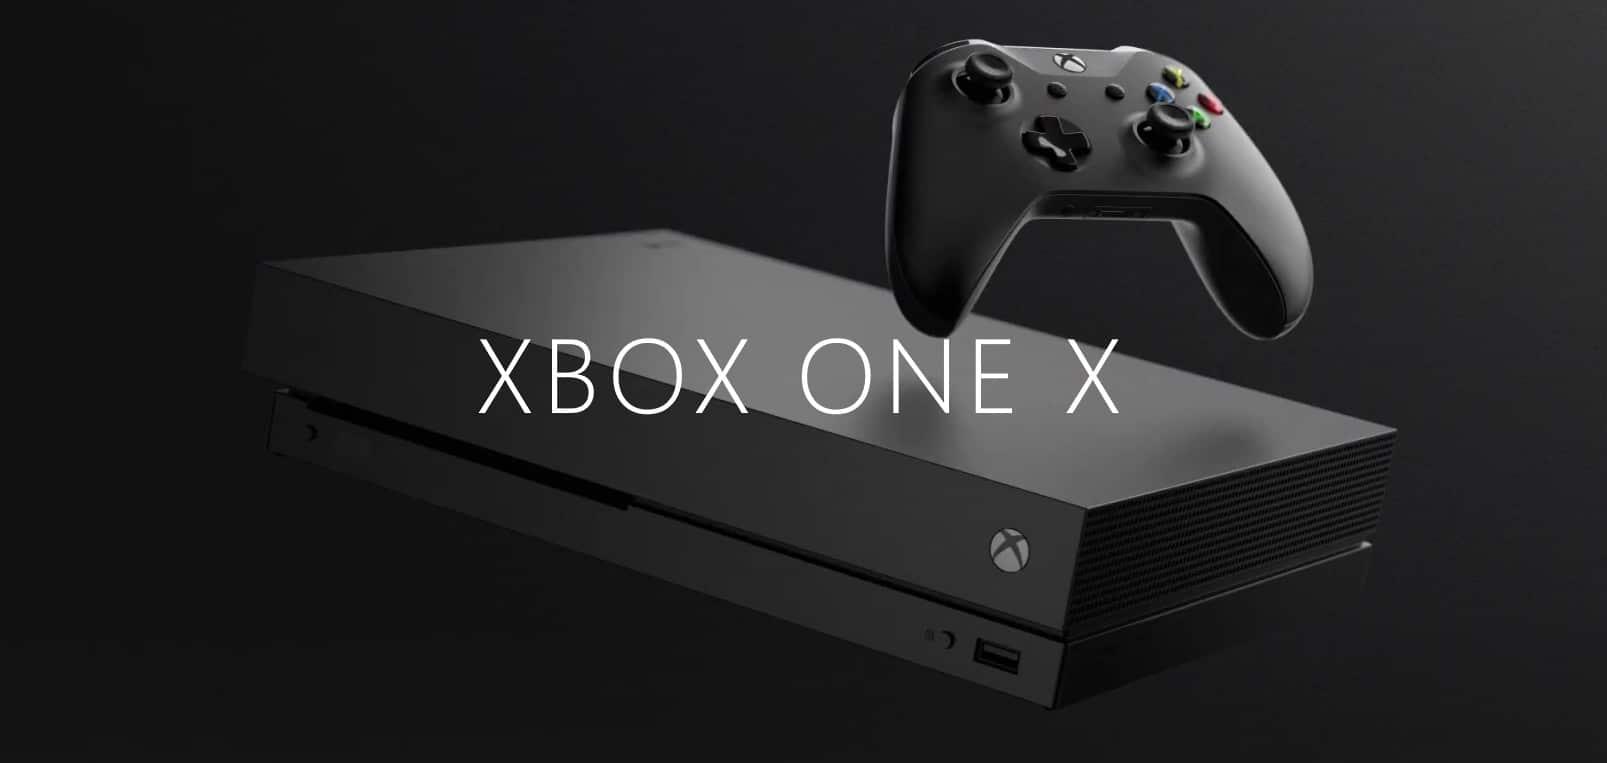 Das Zubehör der Xbox One funktioniert auch mit der Xbox One X. (Foto: Microsoft)